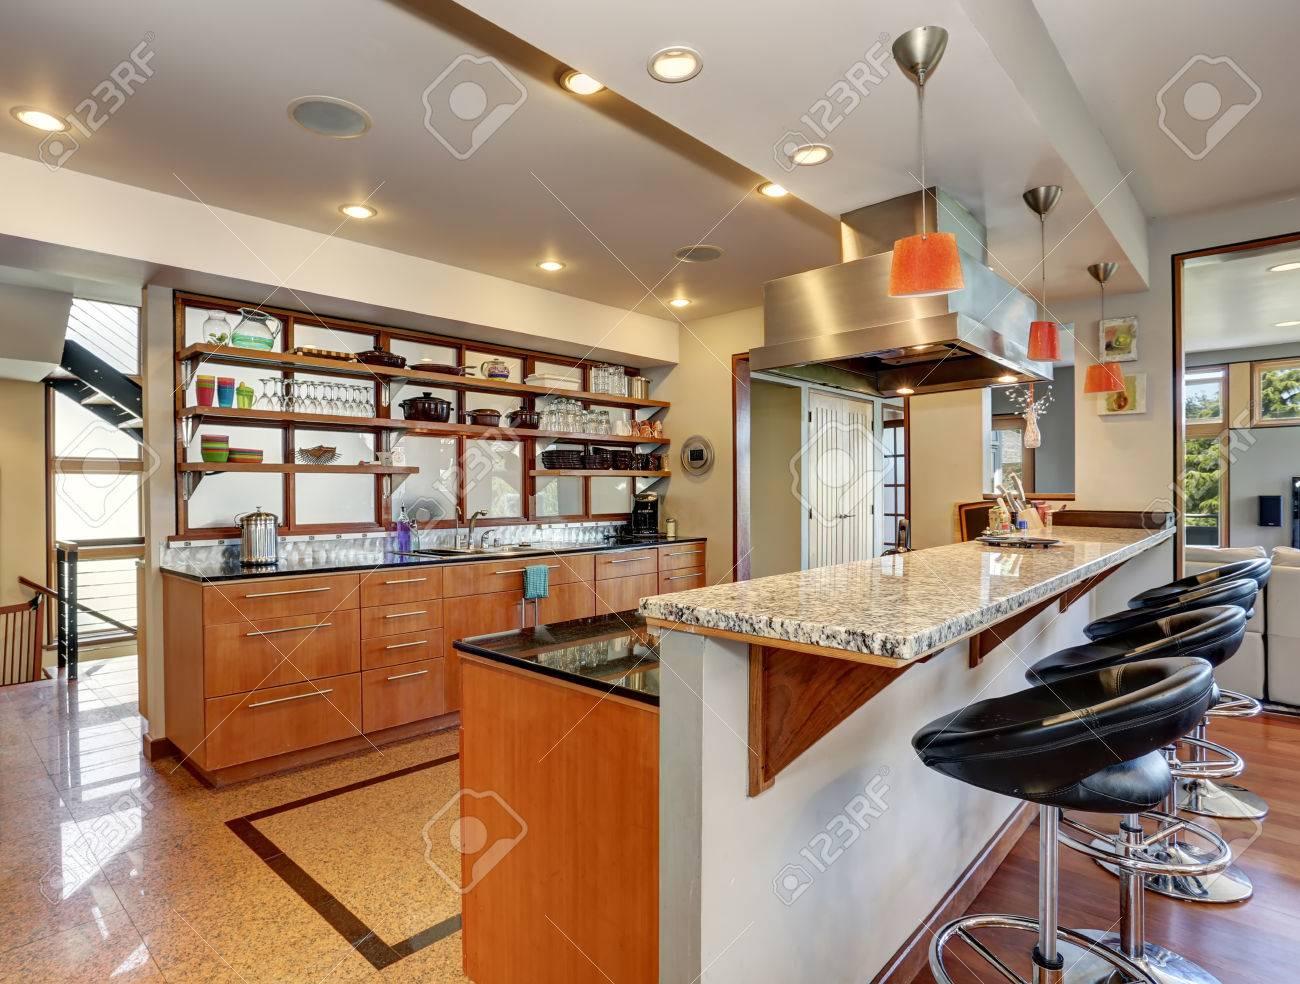 Interiore Della Cucina Con Lunghe Armadi In Legno E Mensole ...